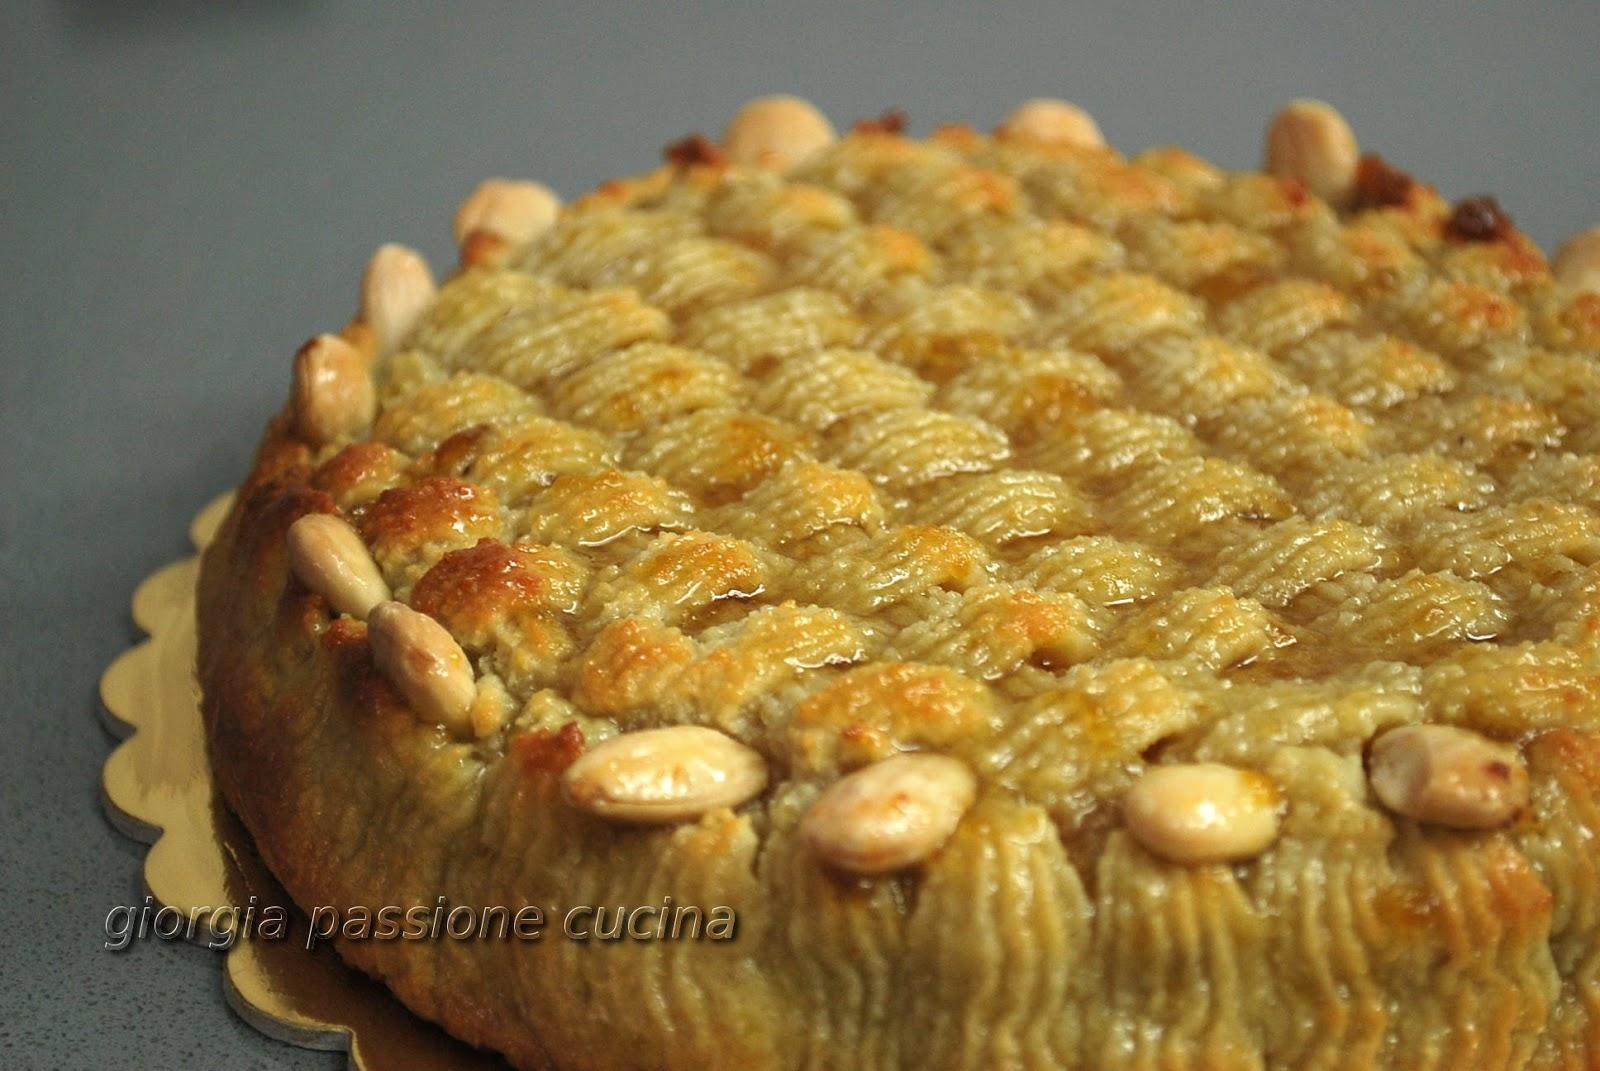 Dolci con pasta di mandorle ricetta